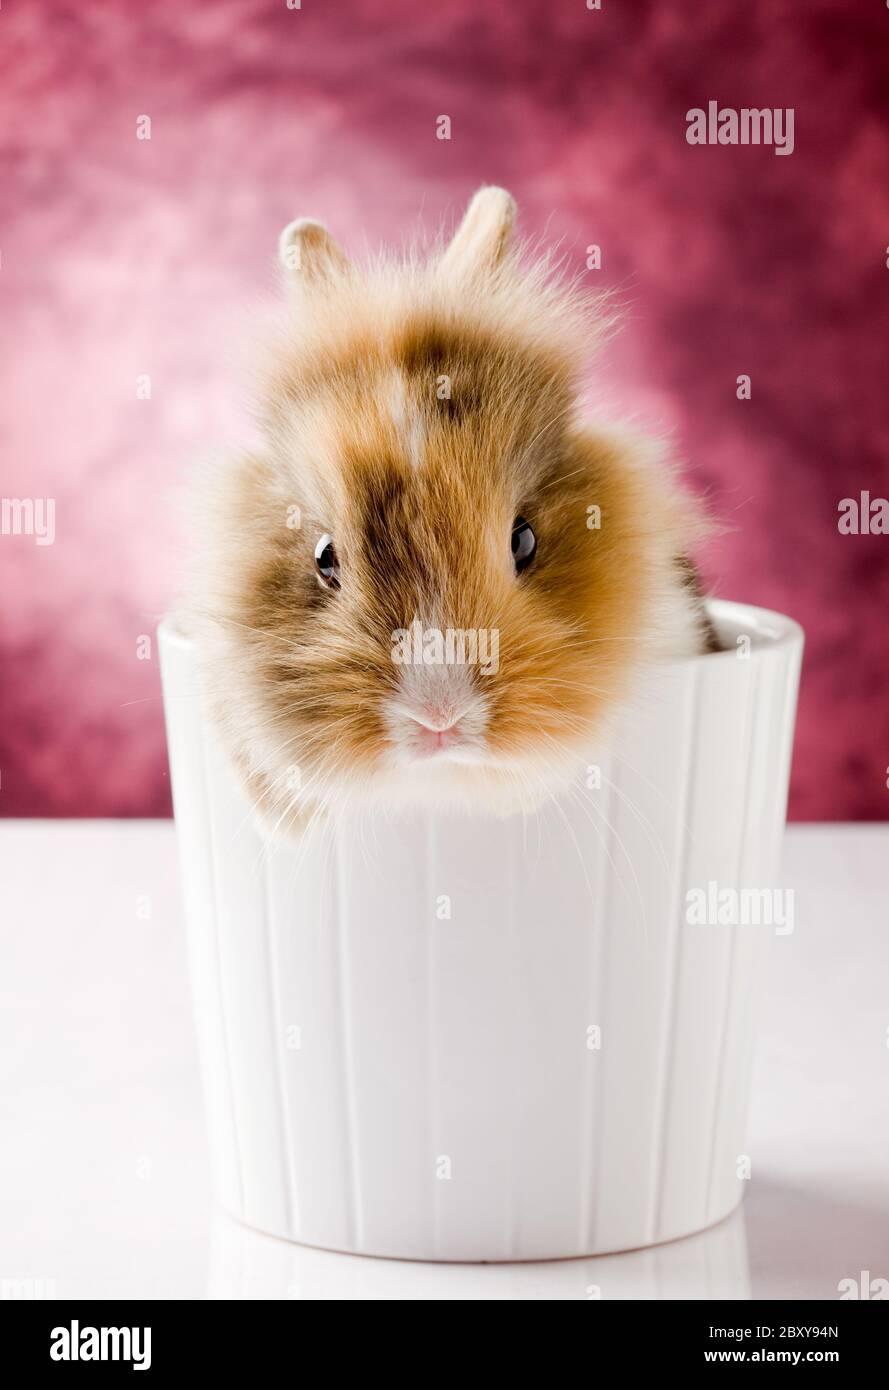 Conejo enano con cabeza de León Foto de stock